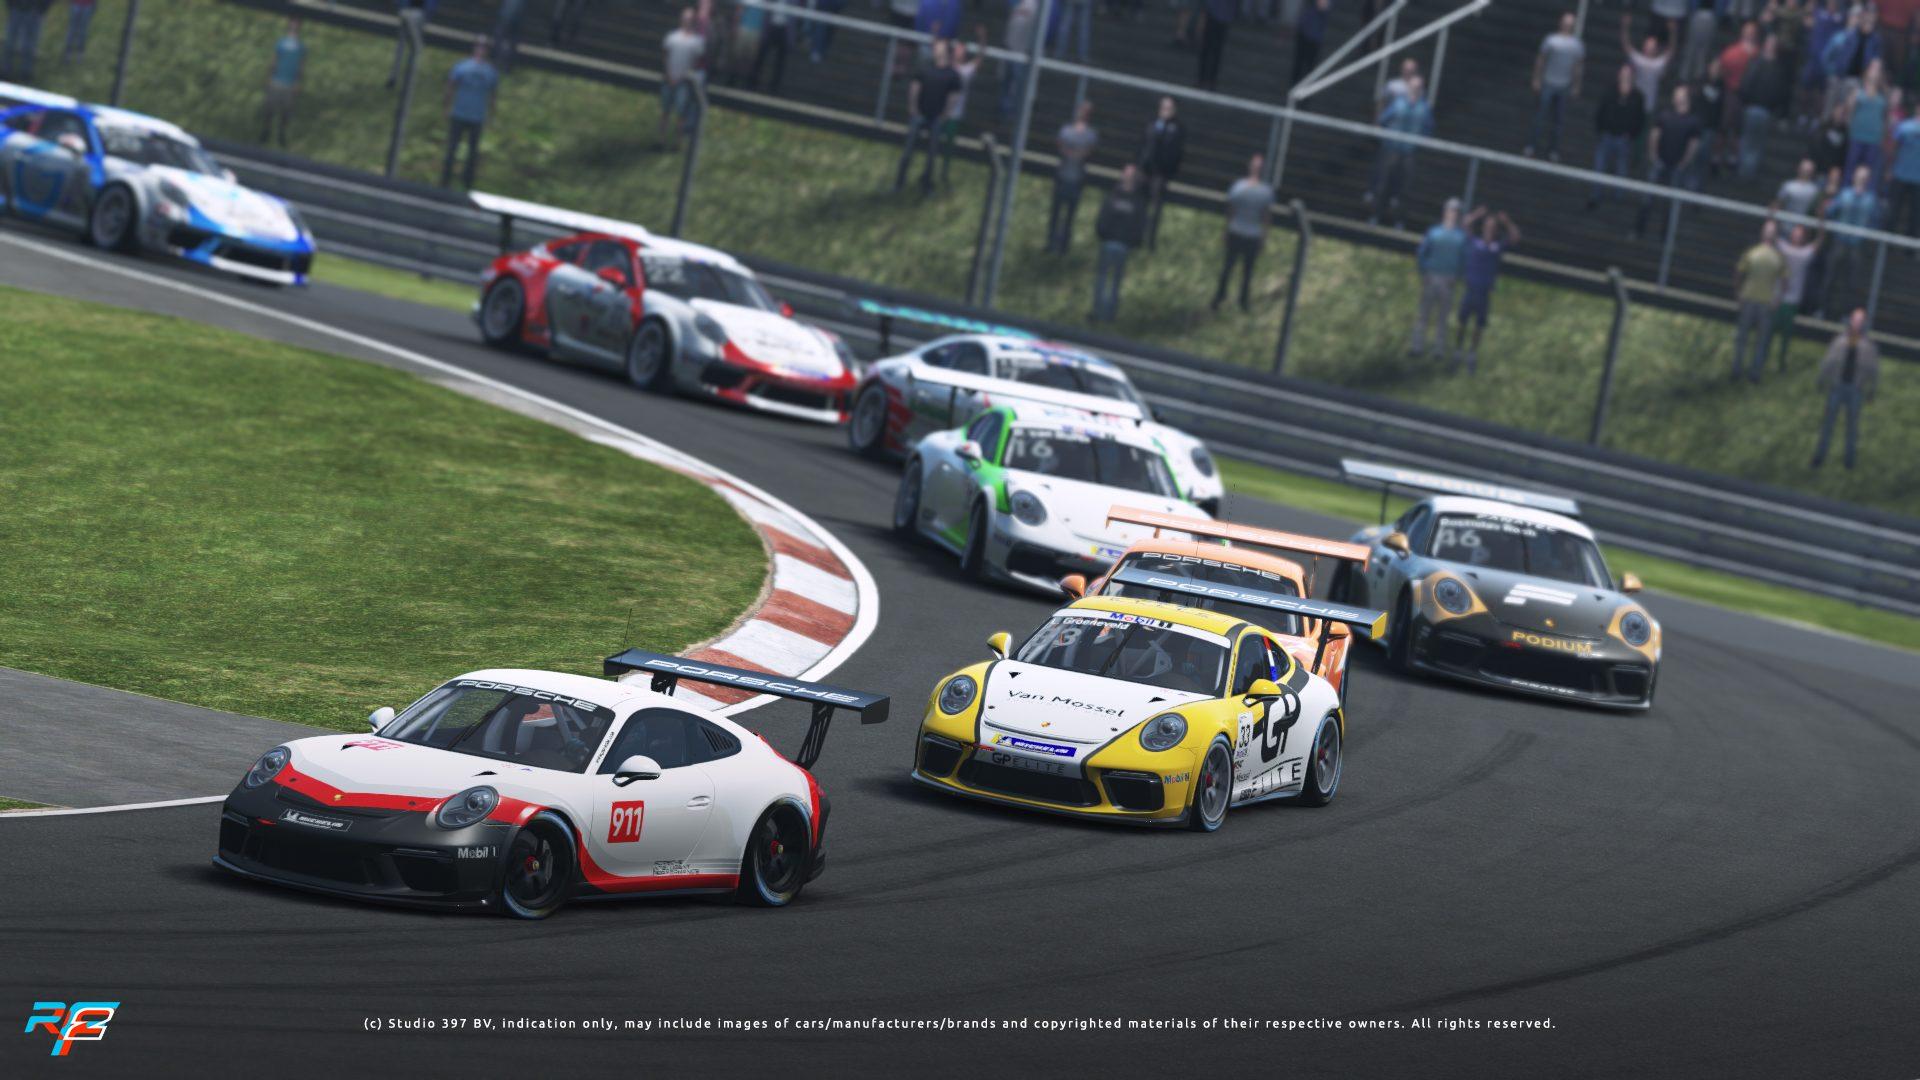 nurburgring_sprint_02-1920x1080.jpg